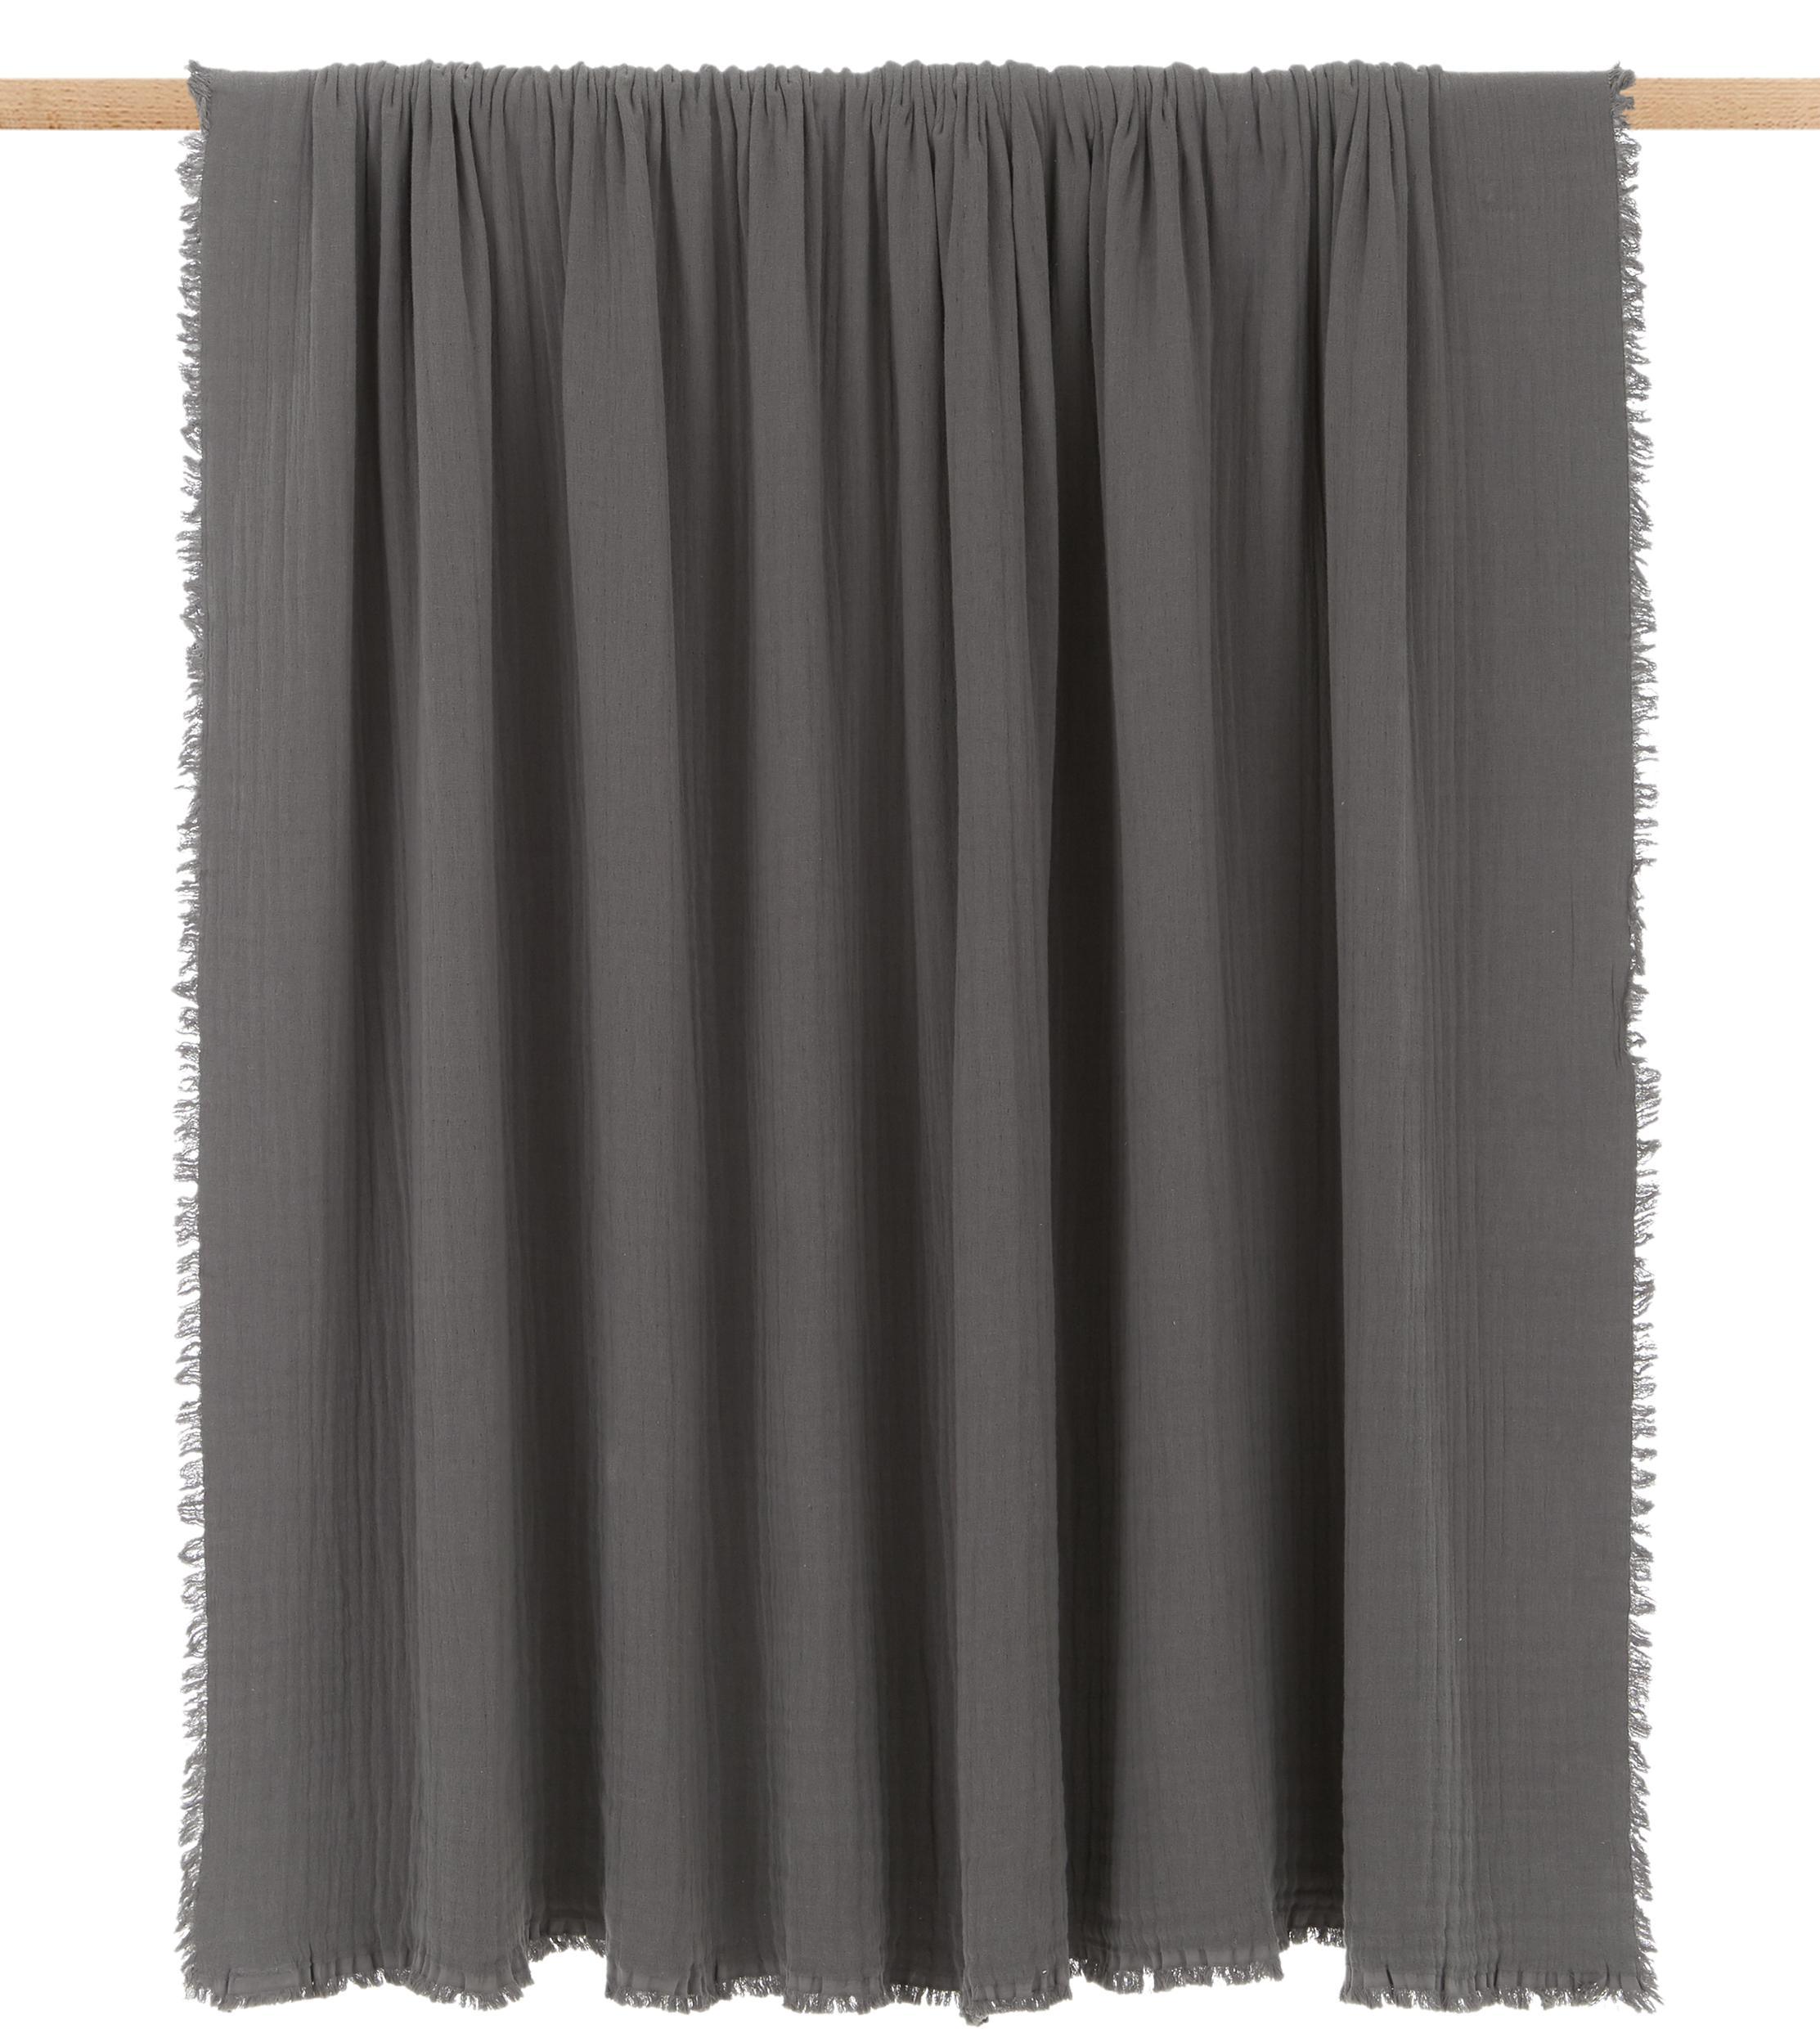 Tagesdecke Vanly aus weichem Baumwollmusselin, 100% Baumwollmusselin, Dunkelgrau, 240 x 260 cm